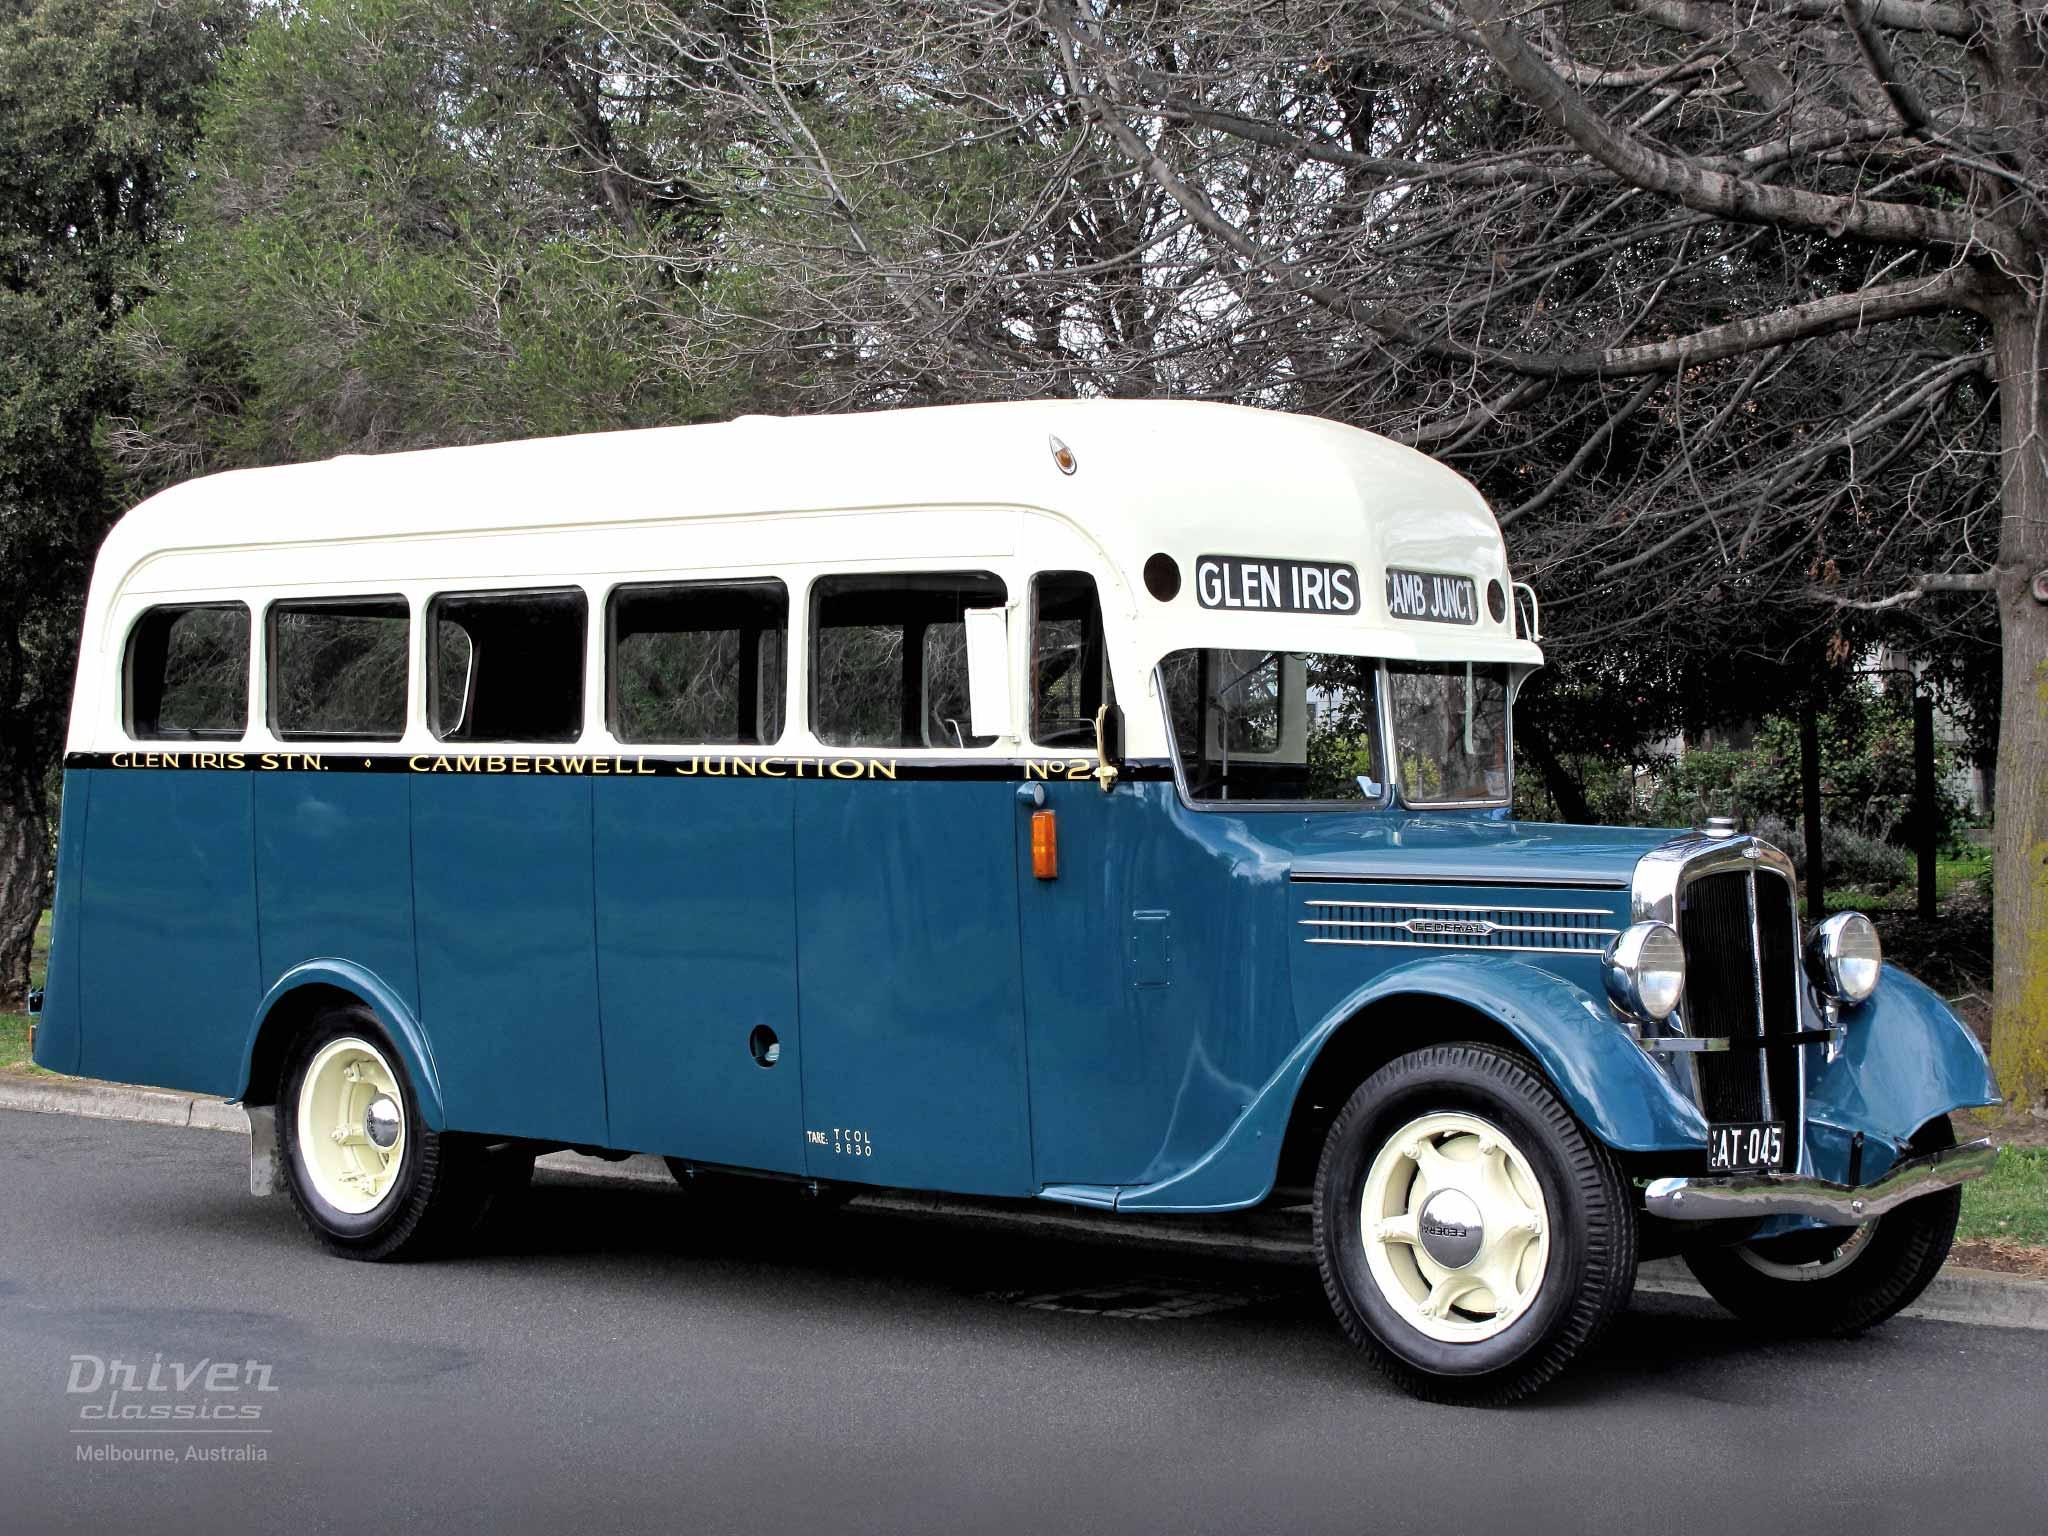 Federal Bus, 1936 model. Photo taken September 2009